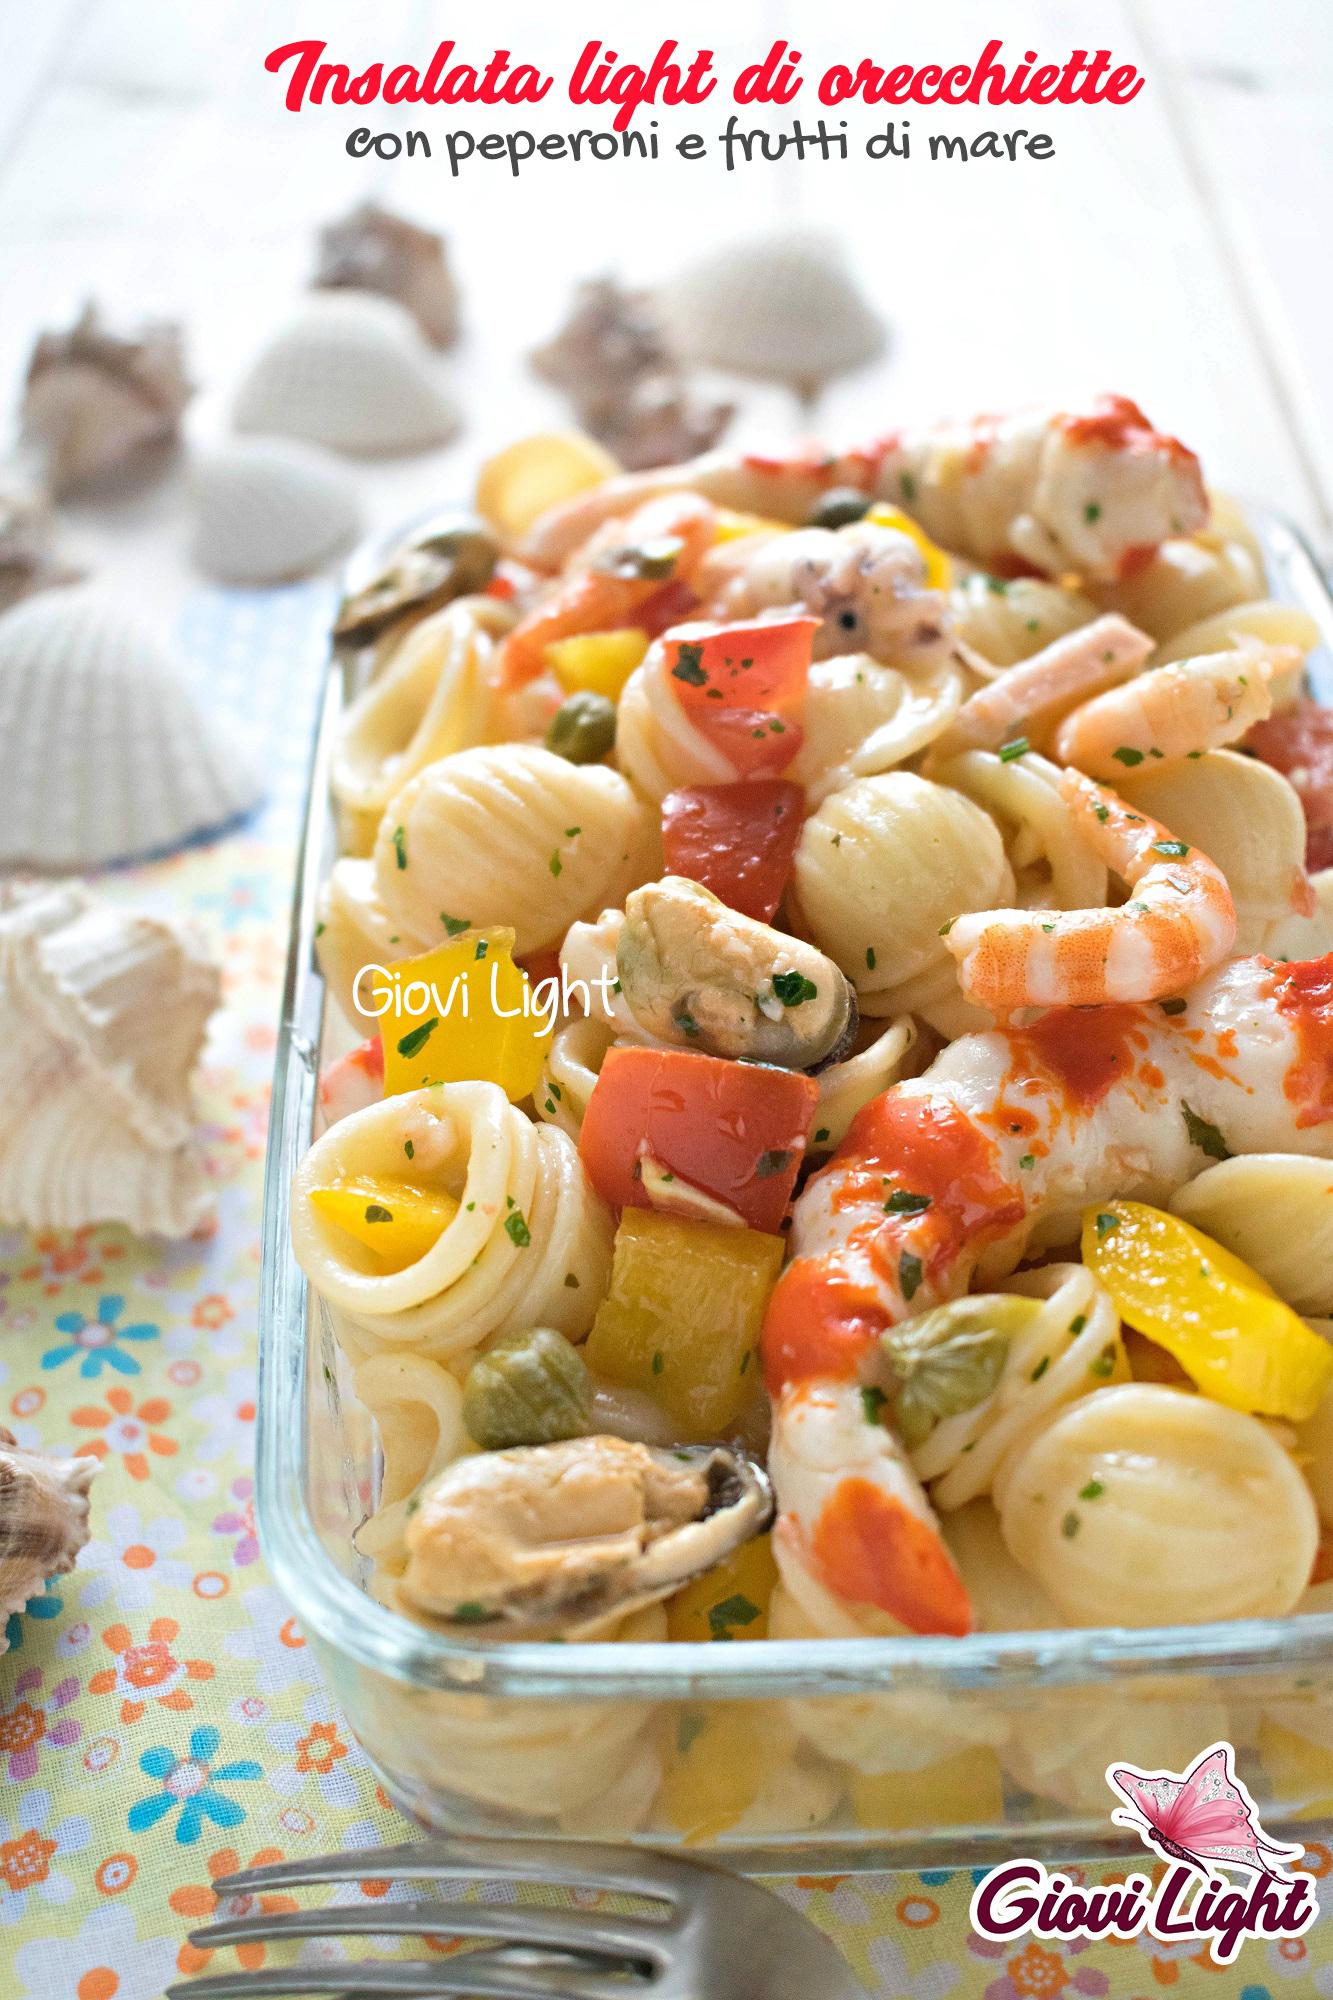 Insalata light di orecchiette con peperoni e frutti di mare